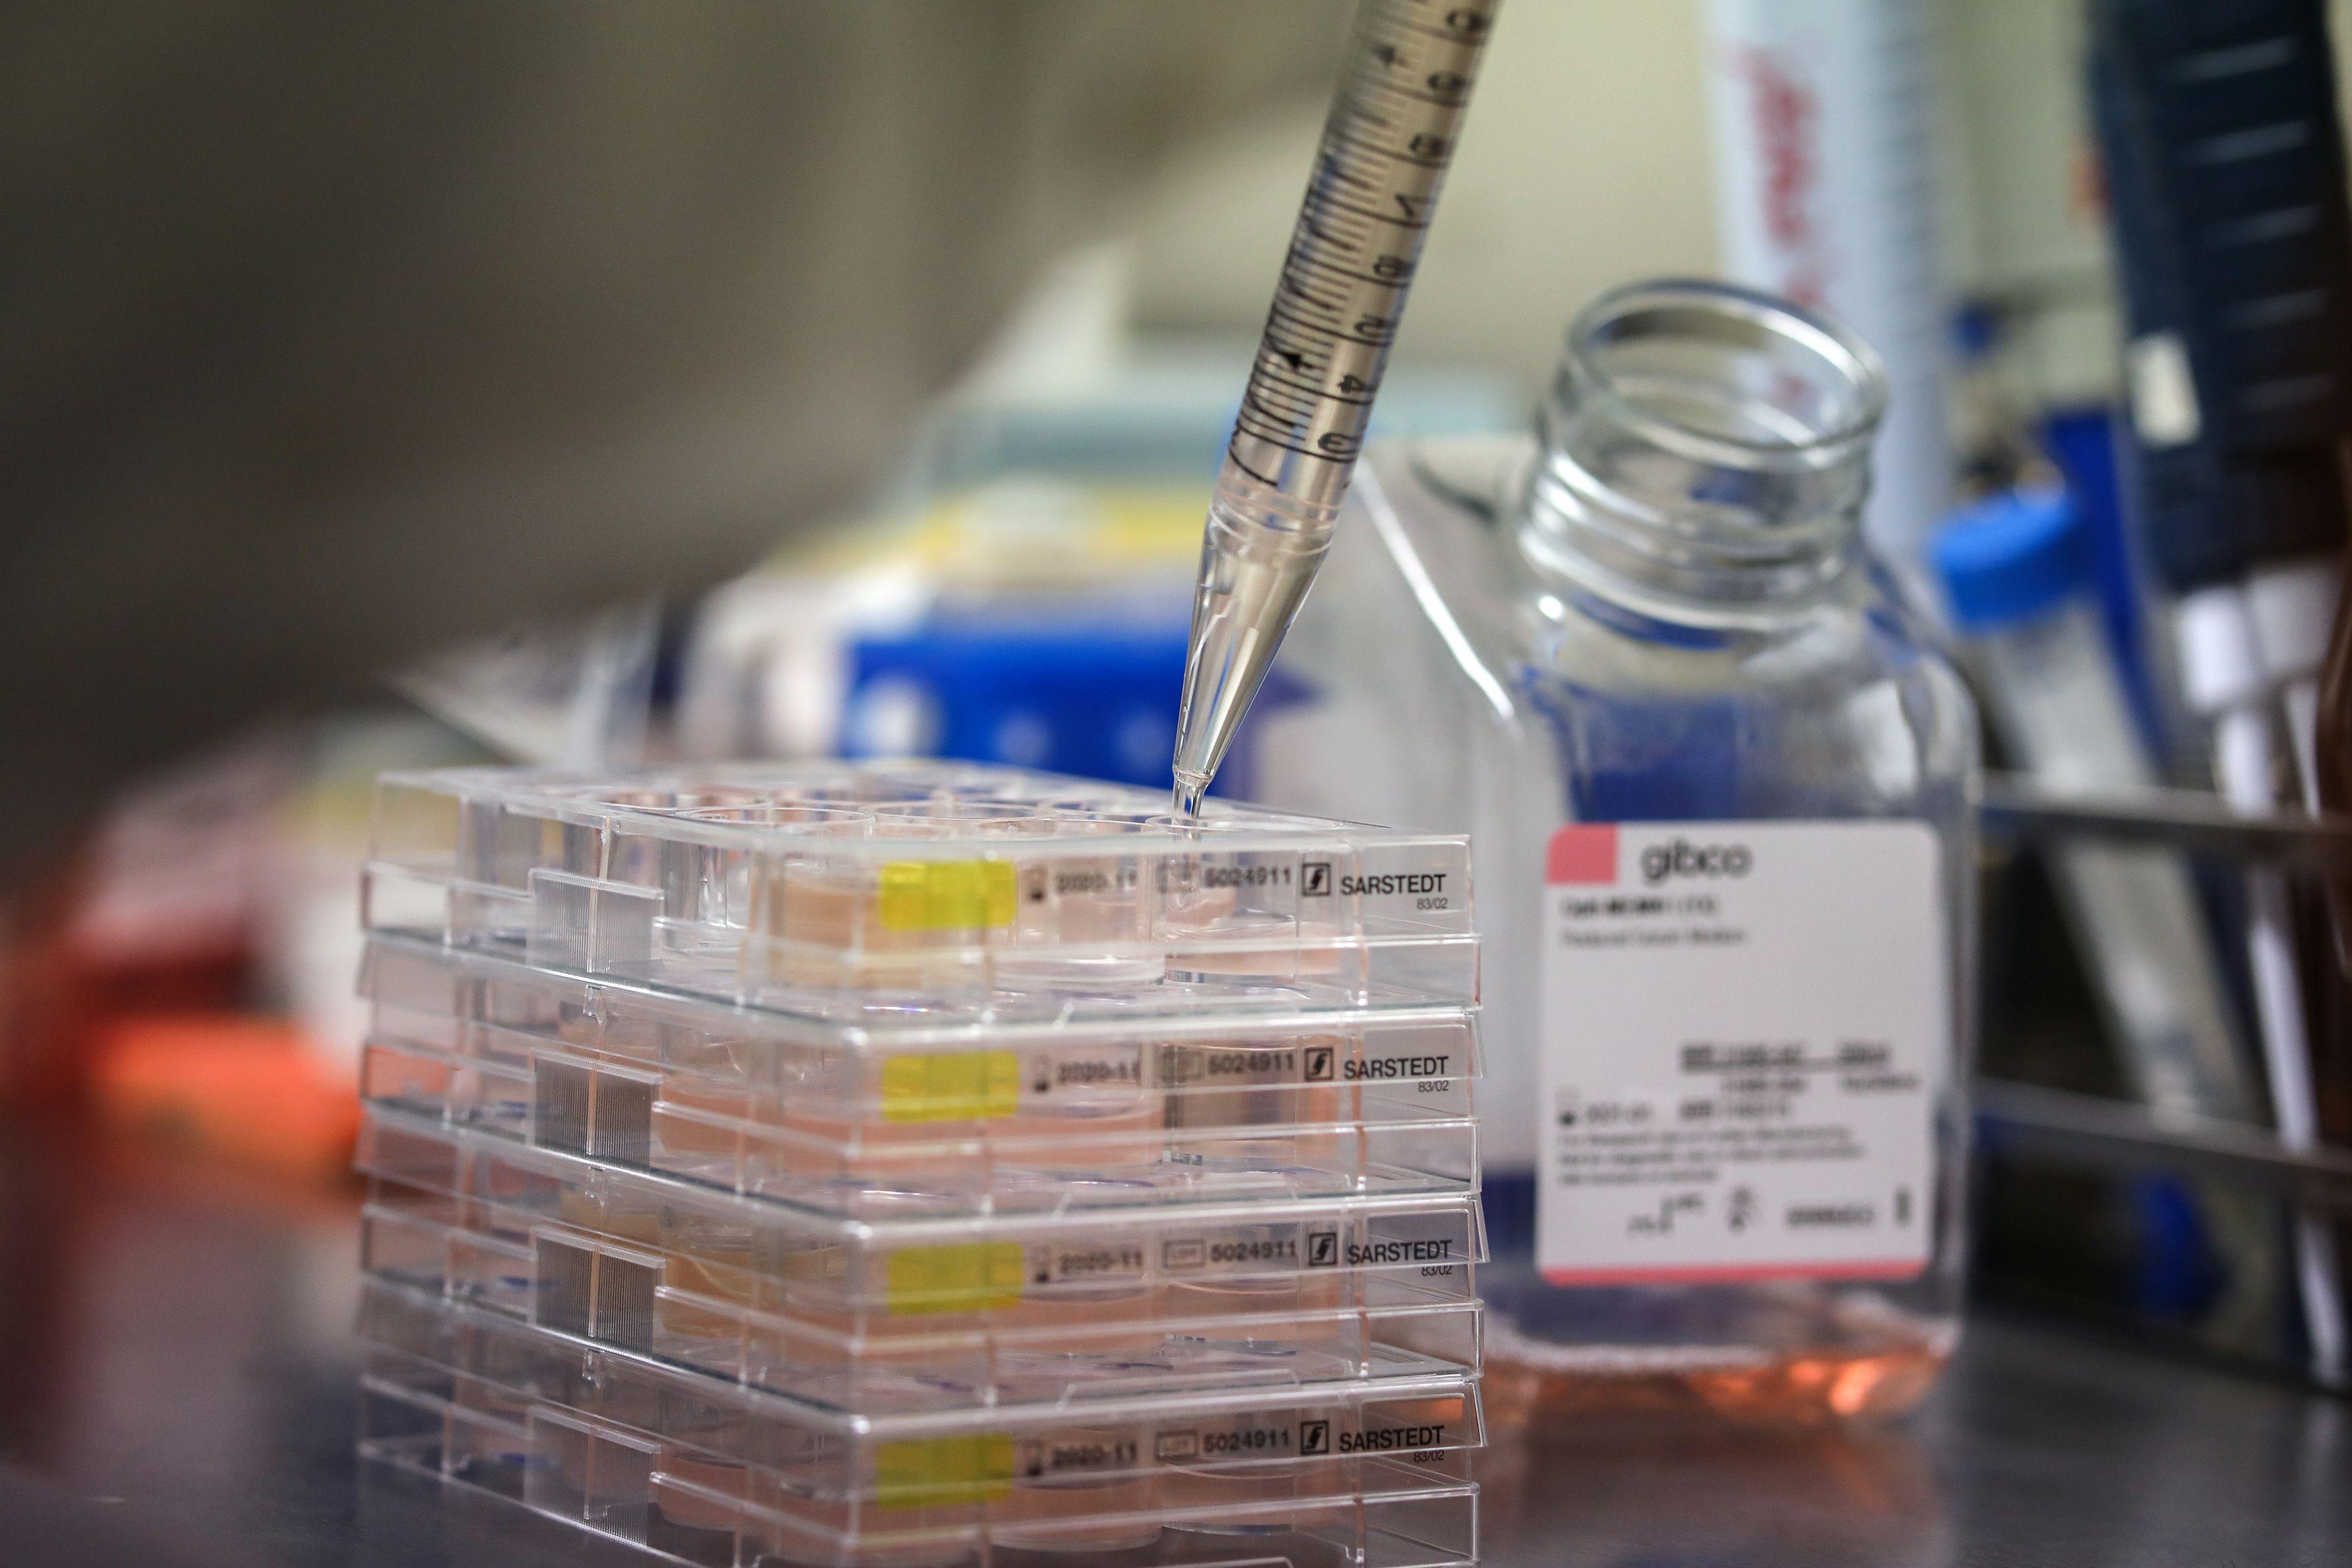 Todos los pacientes tenían infiltrado de células T en el espacio intersticial. En todos se observaron neutrófilos en los espacios intersticiales y tapones de neutrófilos en los capilares (REUTERS)